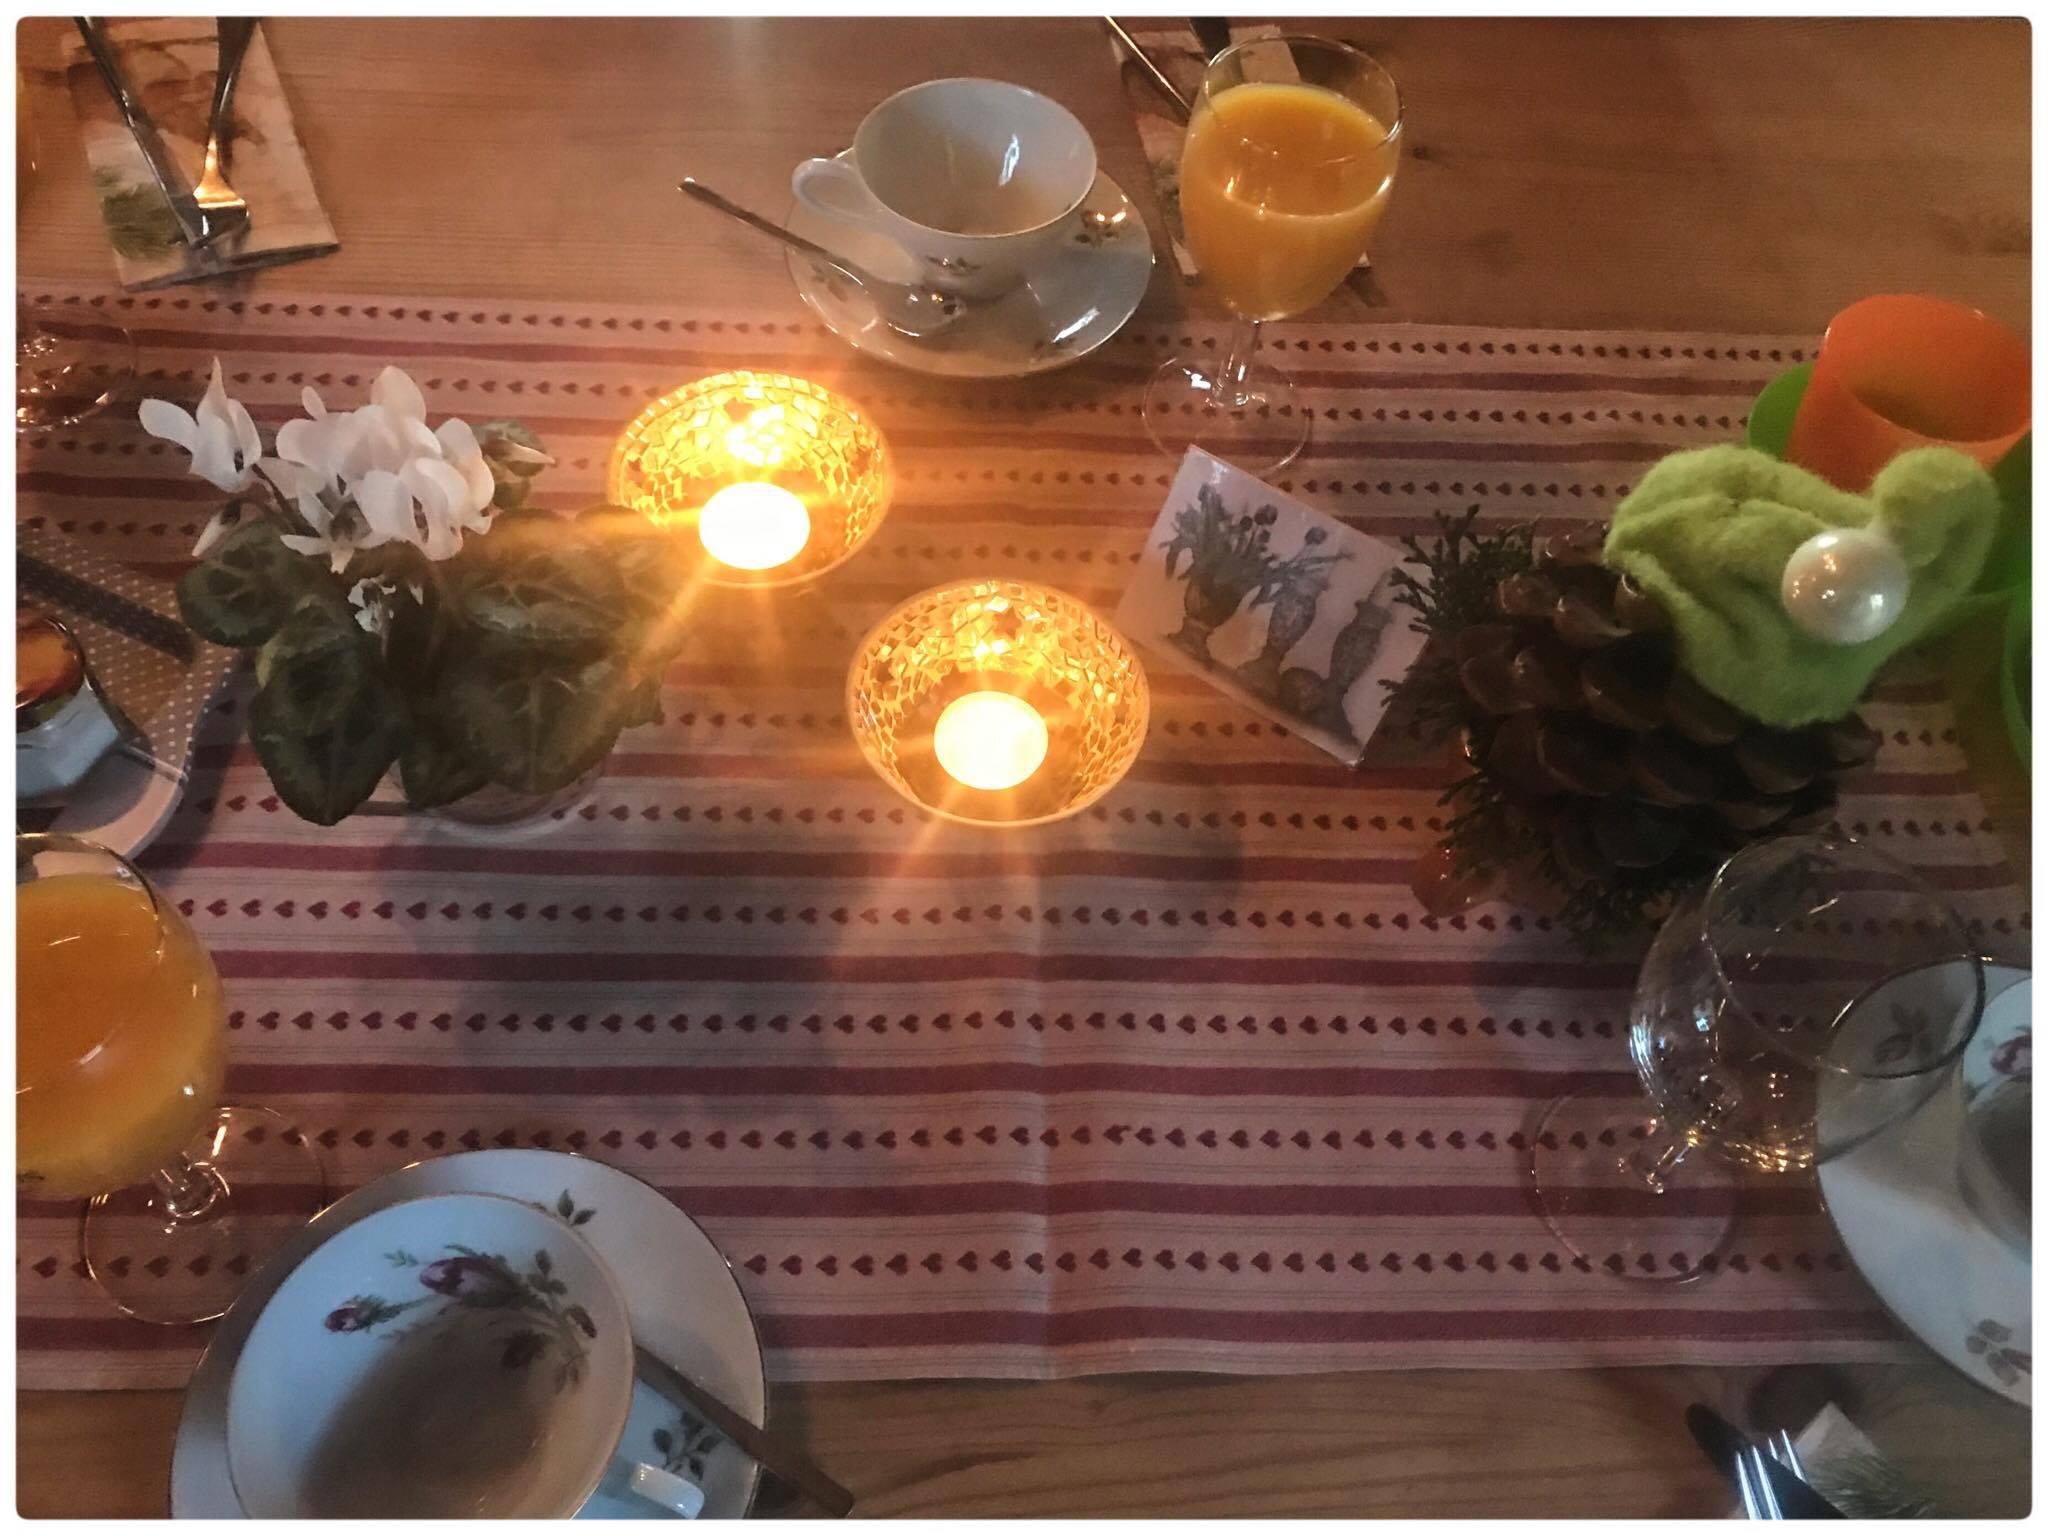 Sonja Glückskämpfer e.V. Bauernfrühstück 4